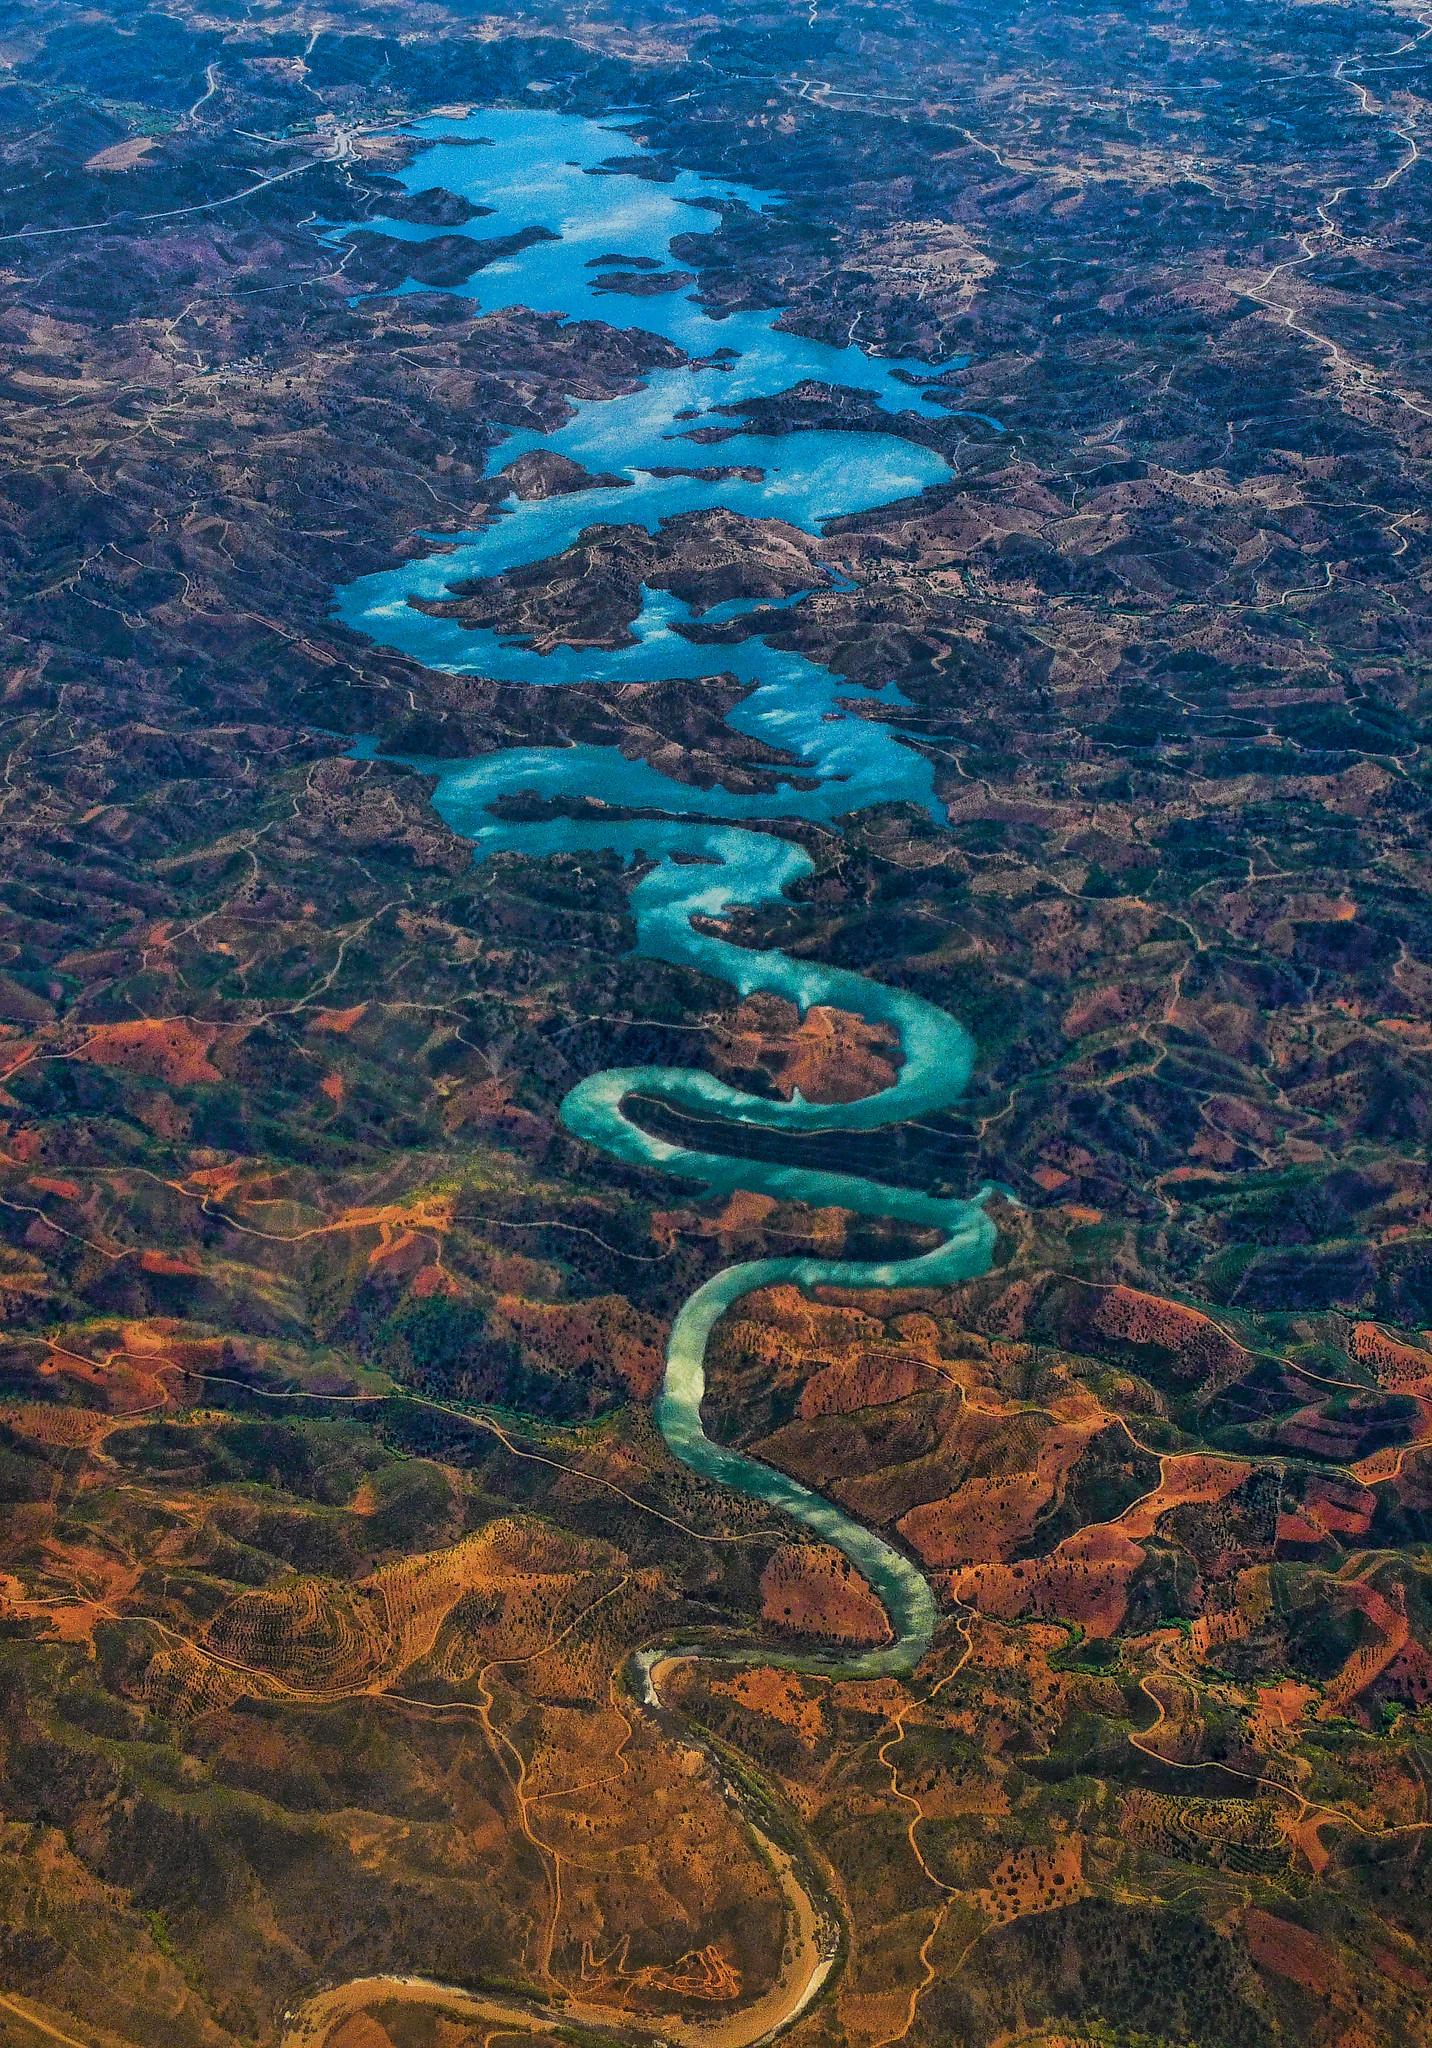 Blue Dragon River